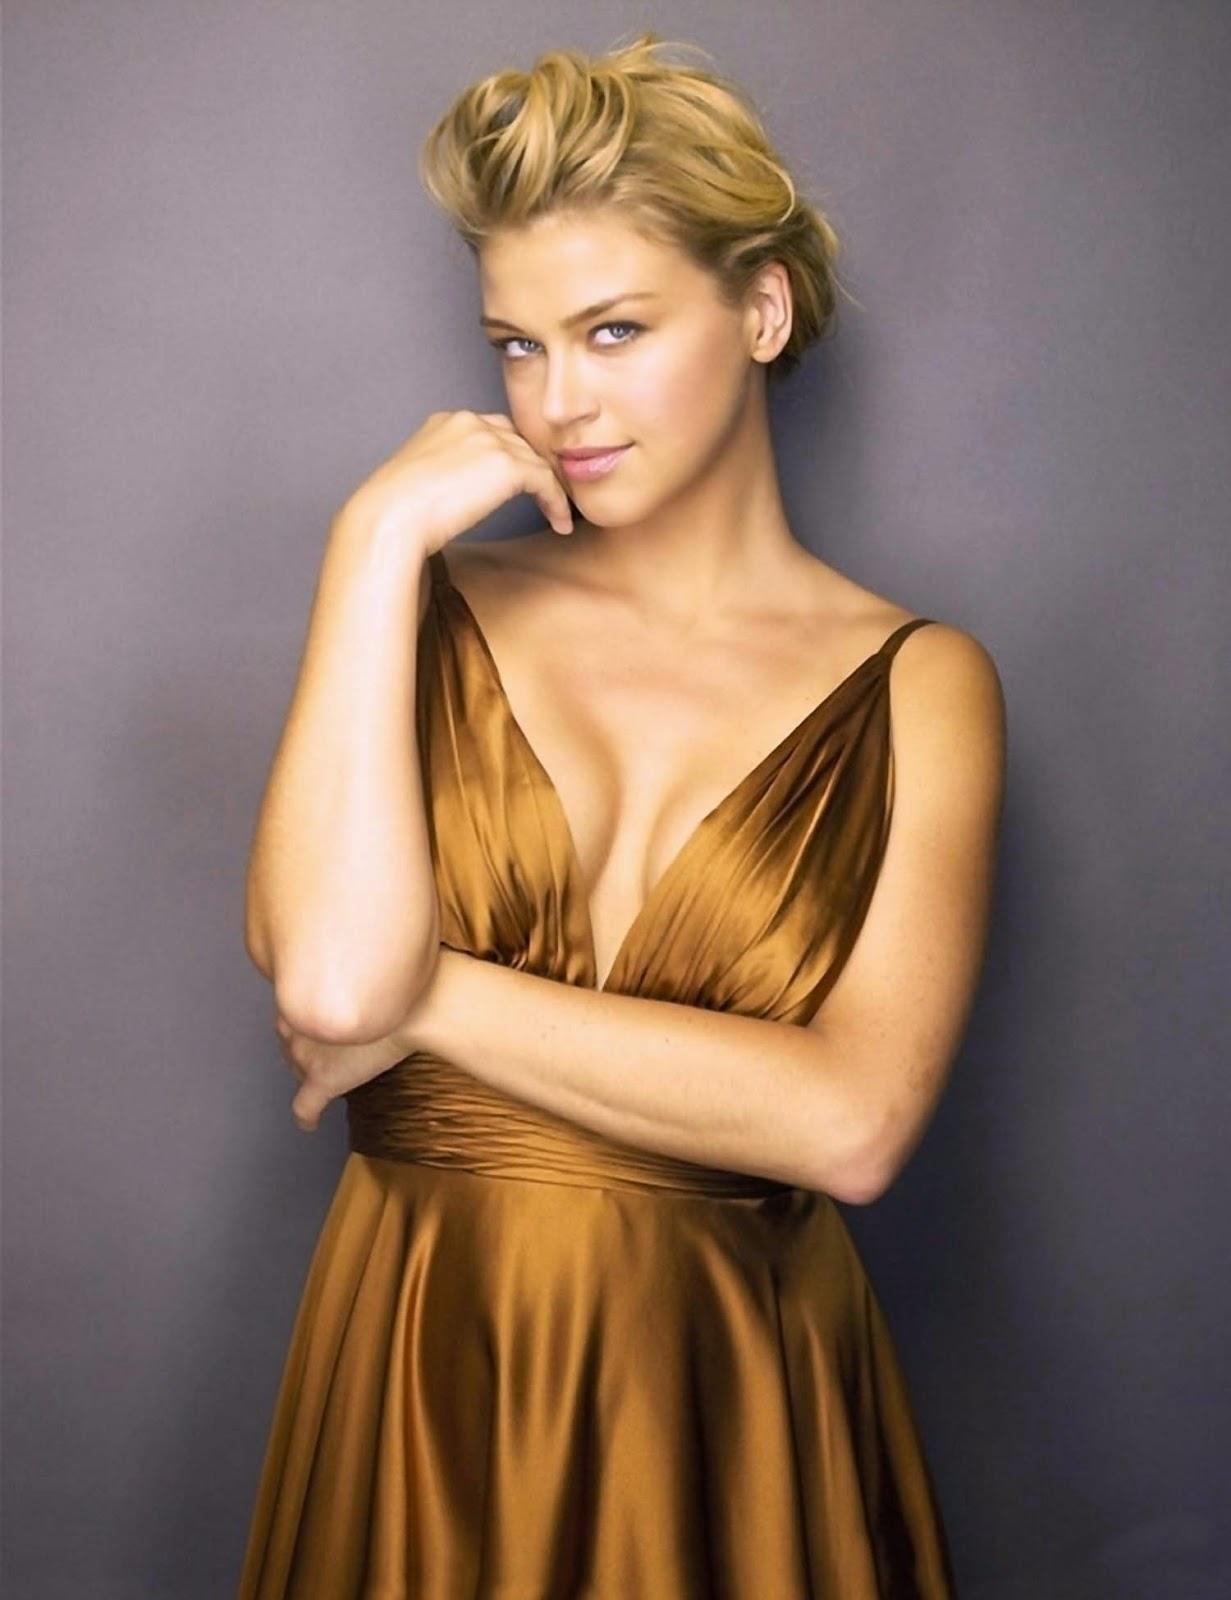 Model Photos: Adrianne Palicki